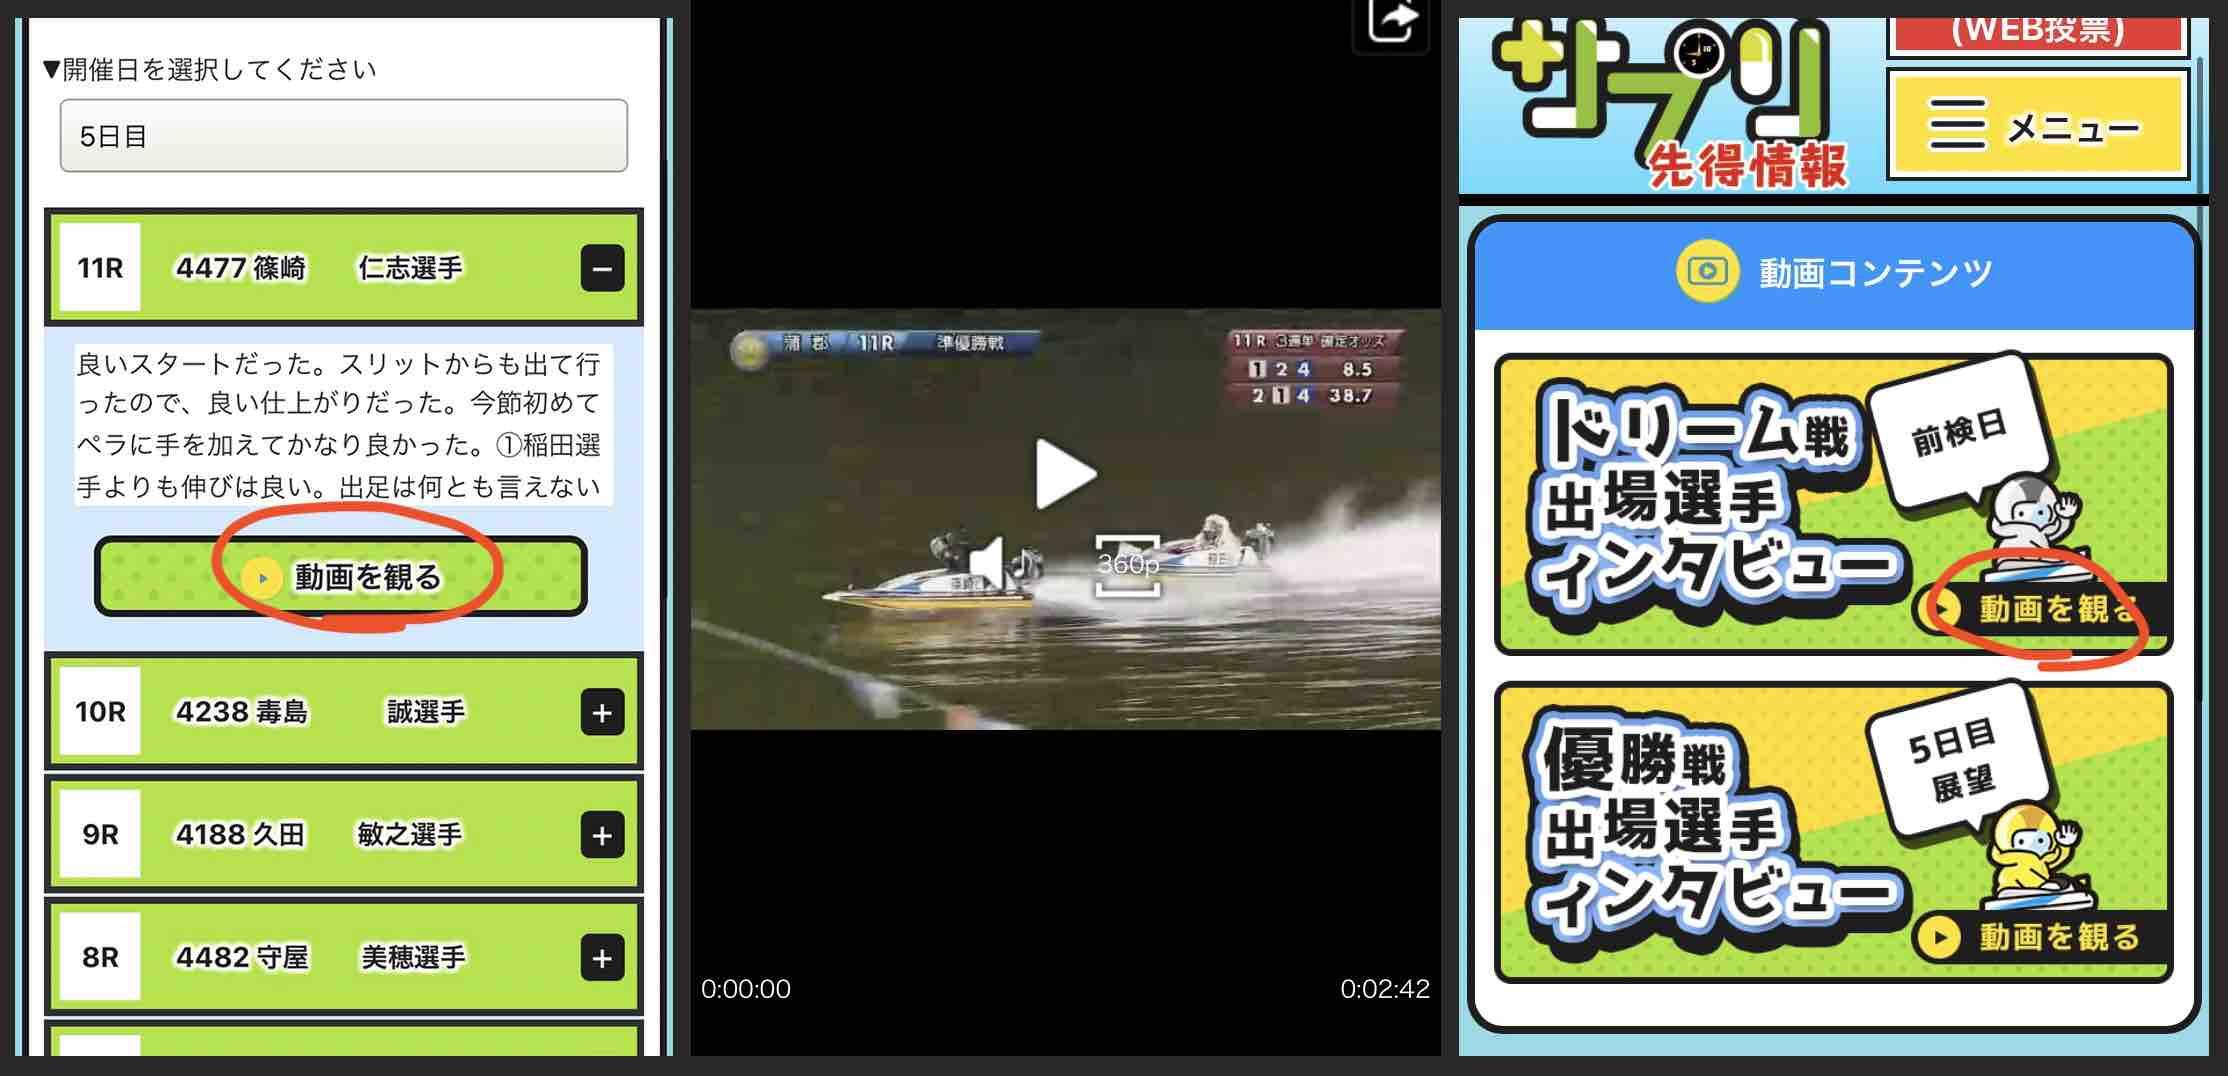 競艇予想、ボートレース予想のレジャチャンサプリの動画コンテンツ